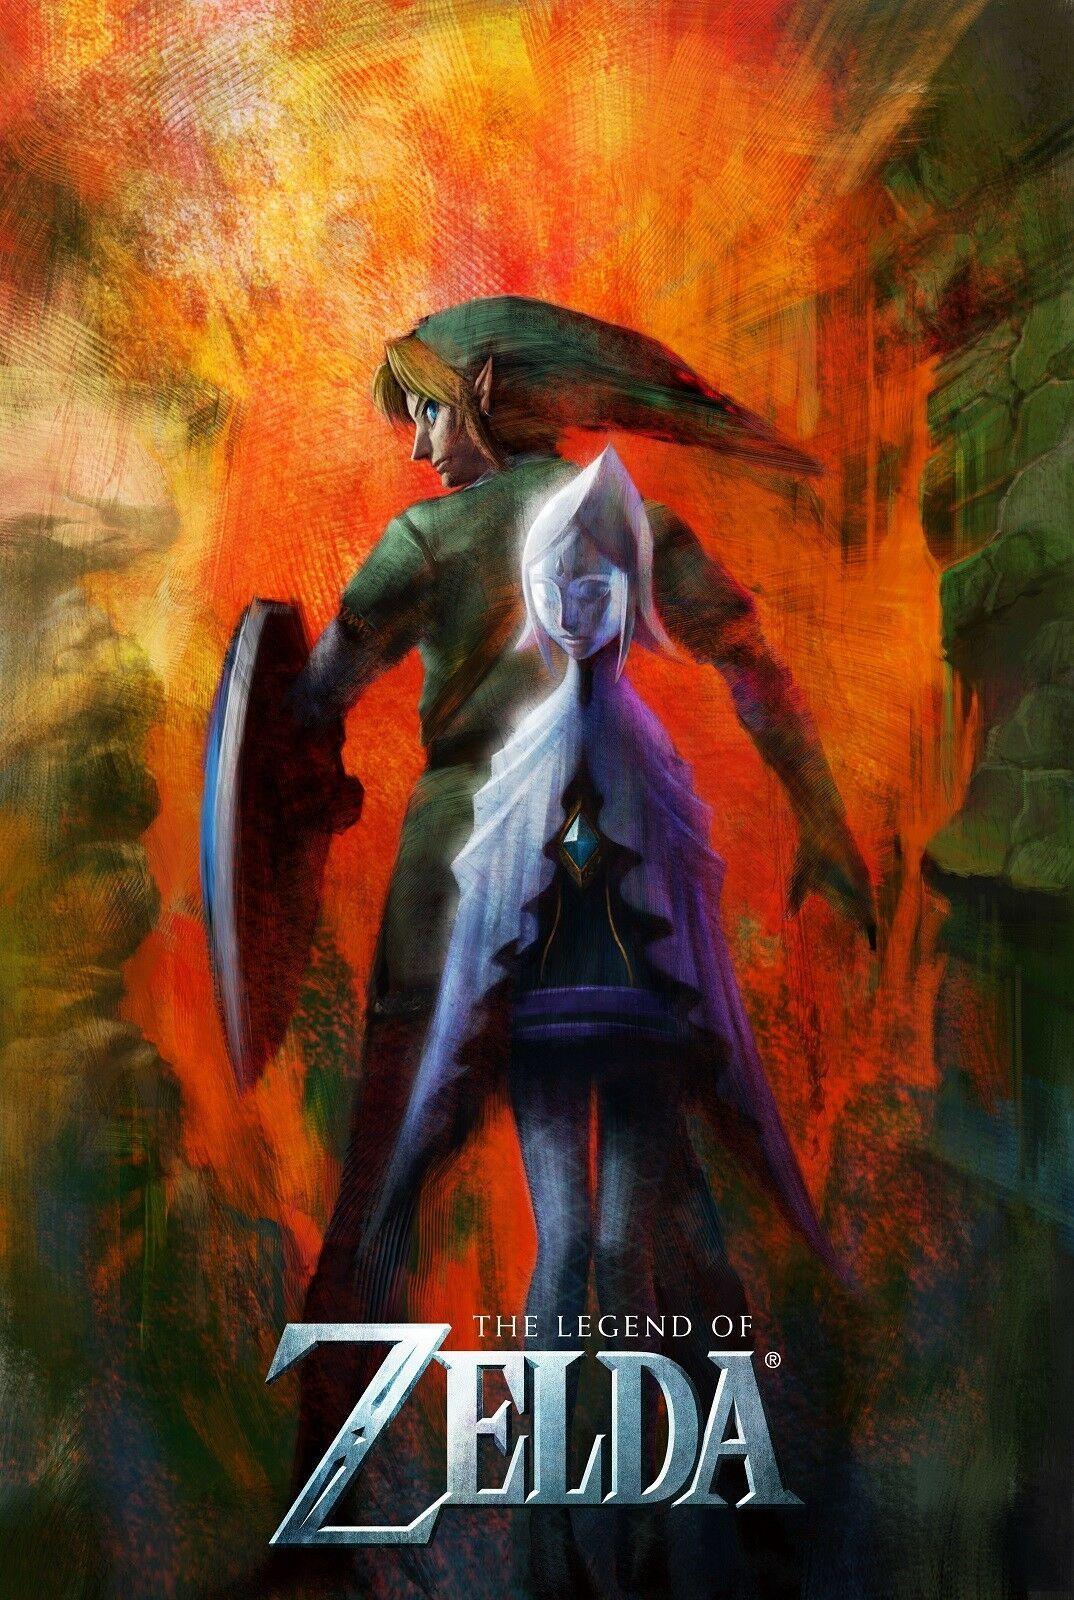 The Legend of Zelda Digital wall decor Art Silk Print Poster 686868